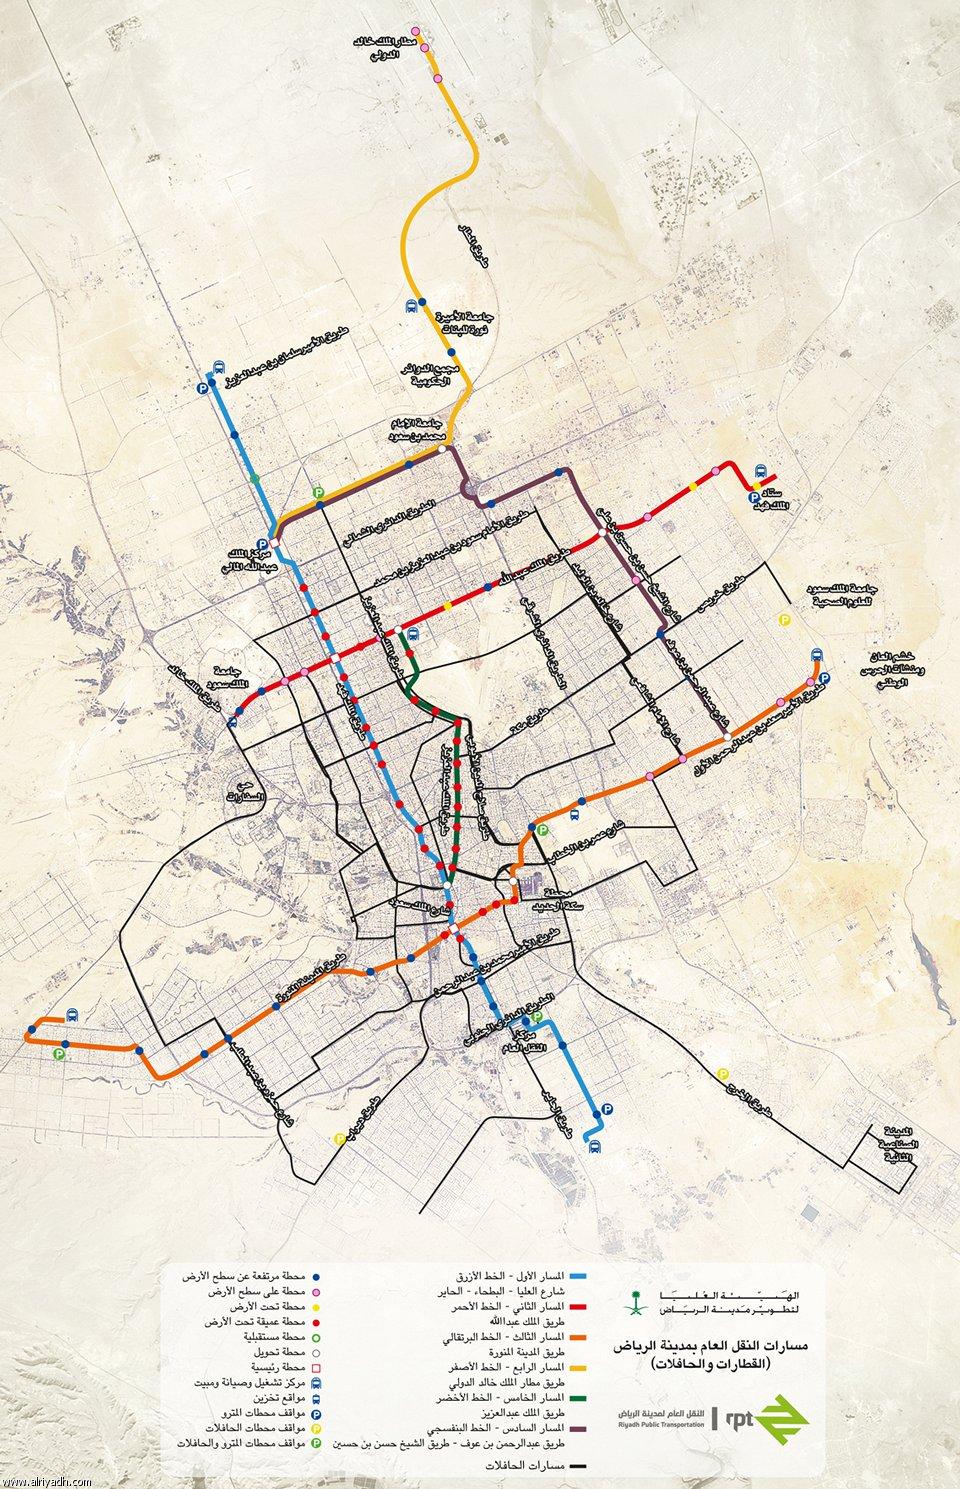 خريطة مترو الرياض بالتفصيل مخطط